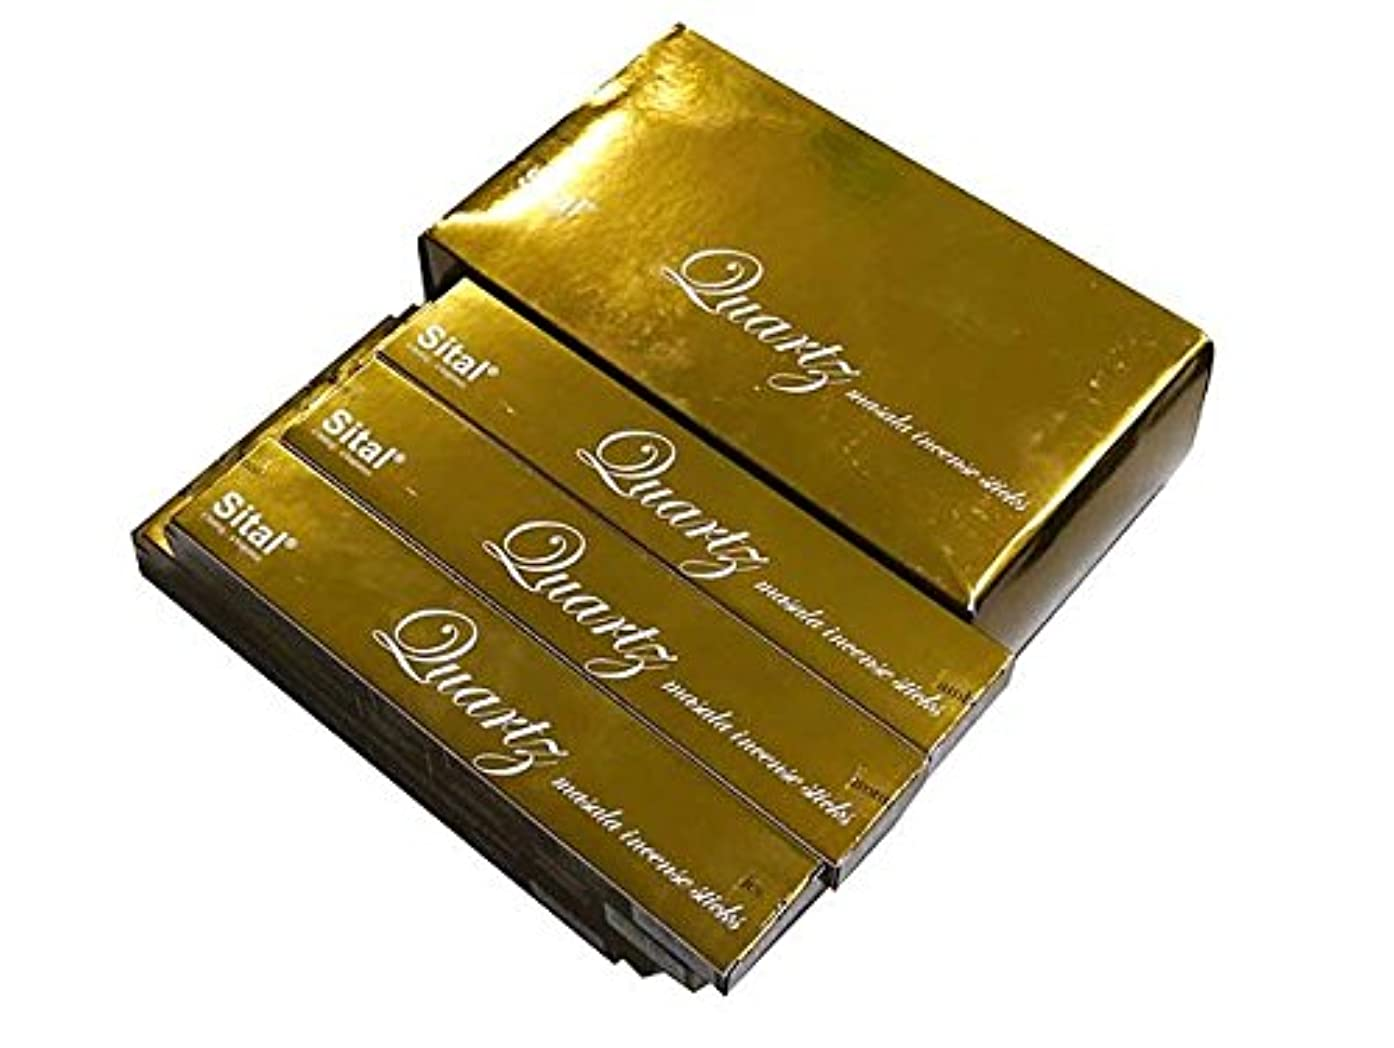 ショッピングセンター付けるマオリSITAL(シタル) シタル プレミアムマサラ クォーツ香 スティック QUARTZ 12箱セット